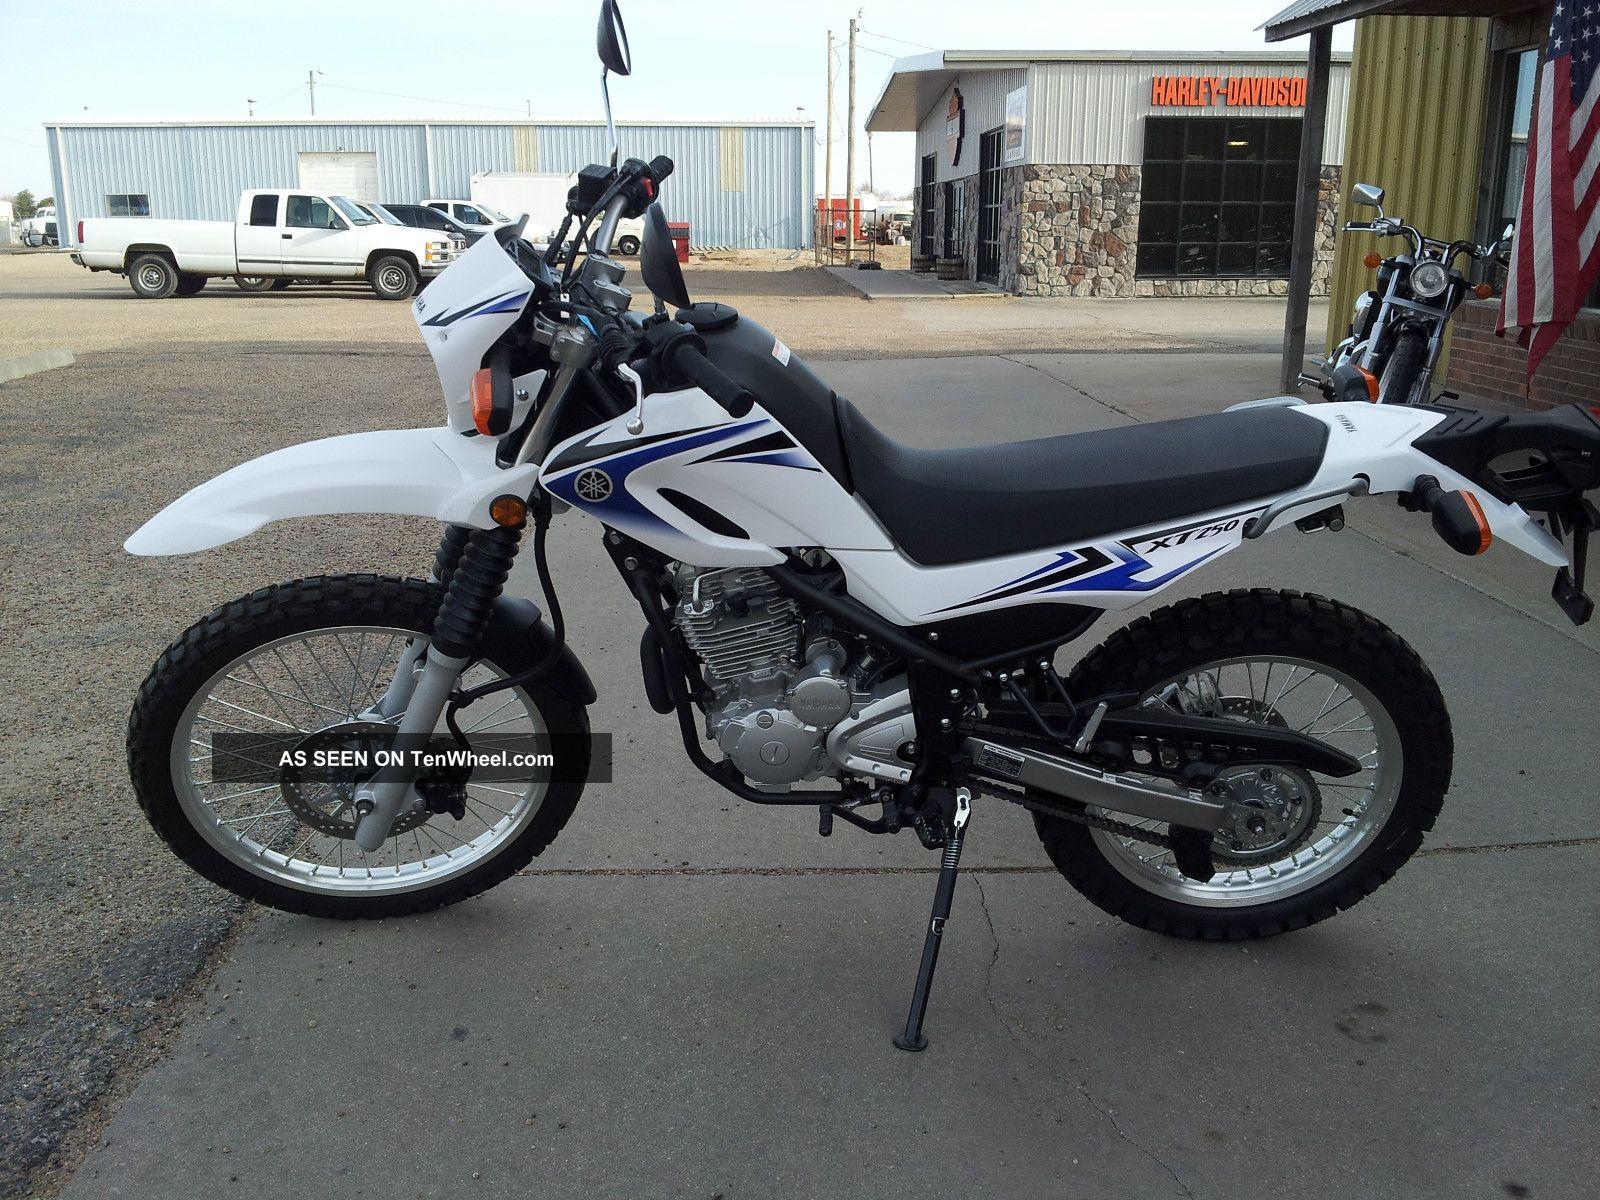 2012 Yamaha Xt250 Other photo